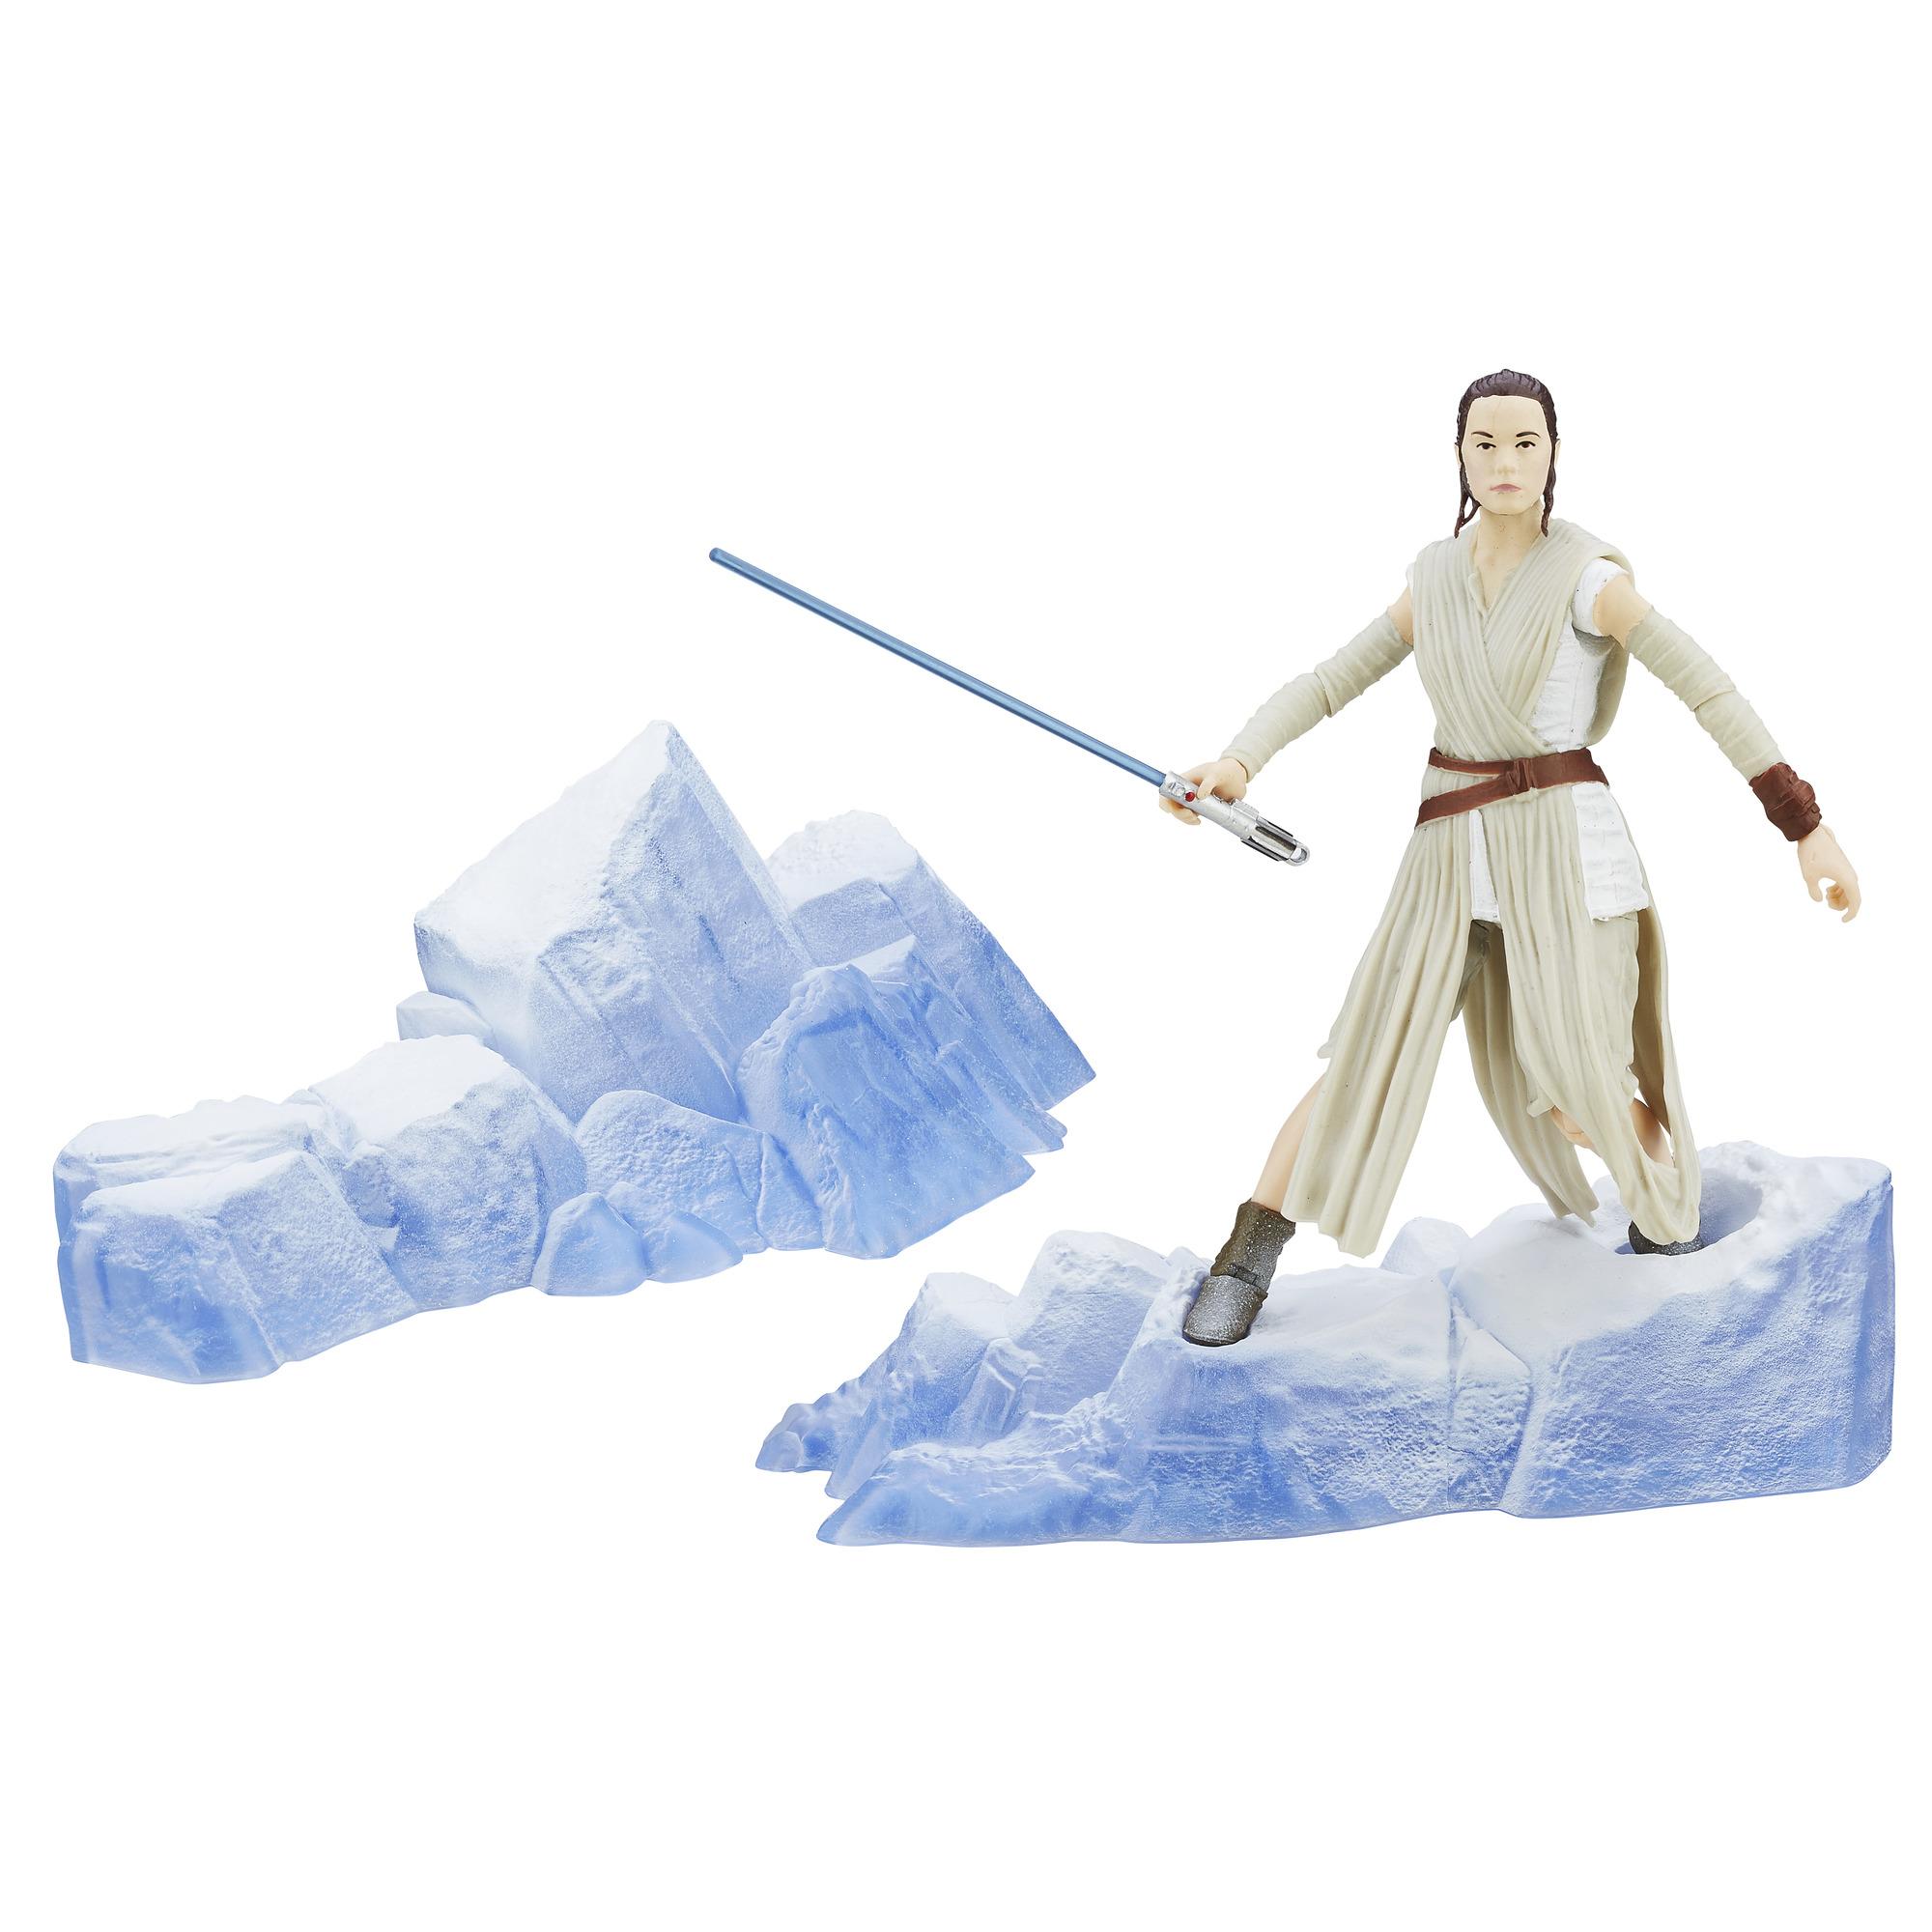 Disney Star Wars The Force Awakens Black Series Rey in Starkiller Base PartNumber: 004W008954628001P KsnValue: 8954628 MfgPartNumber: B7696AT70